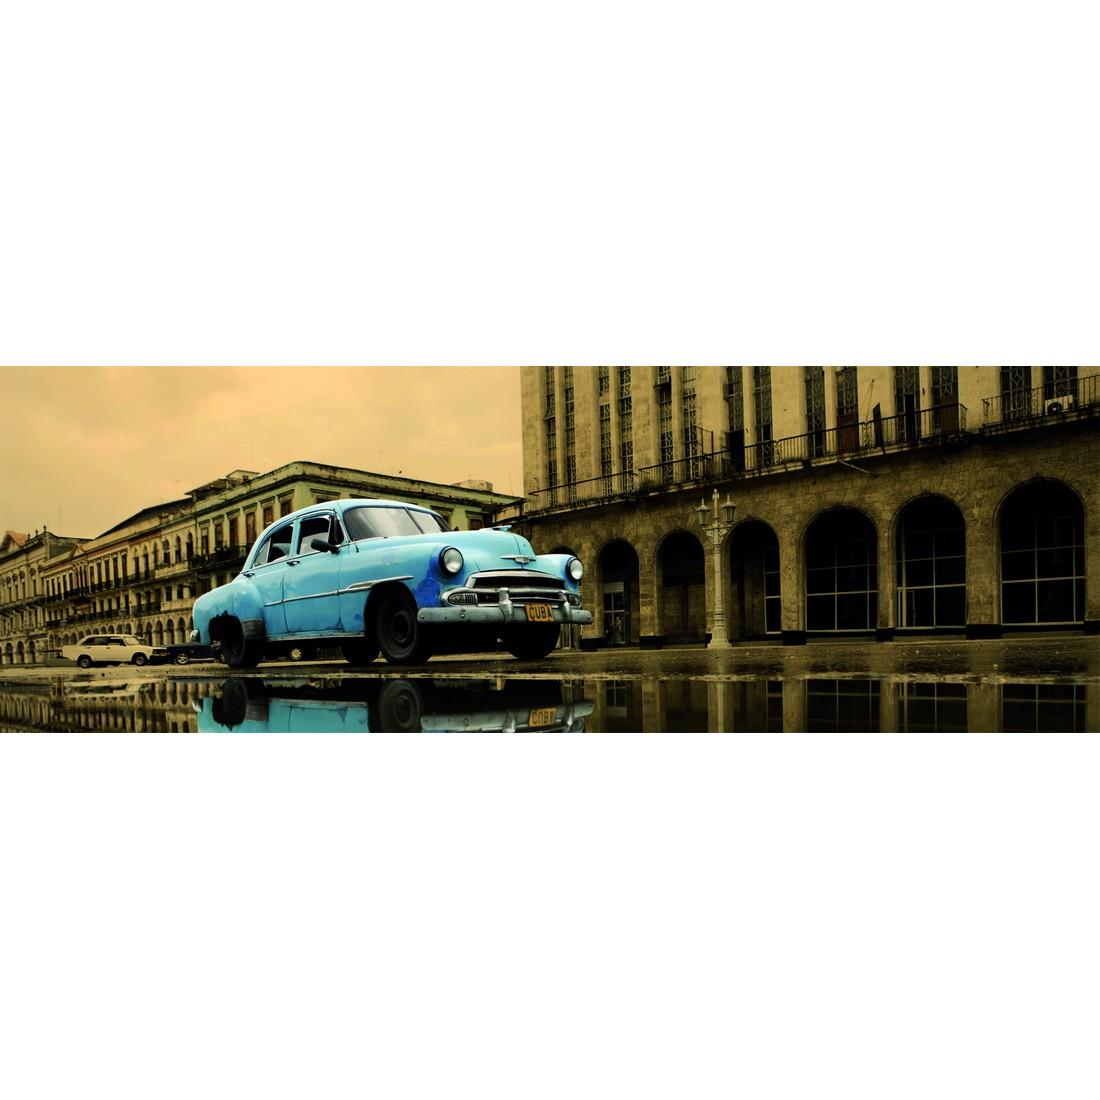 Leinwandbild Cuba Blue – Schwarz, Weiss, Bönninghoff günstig